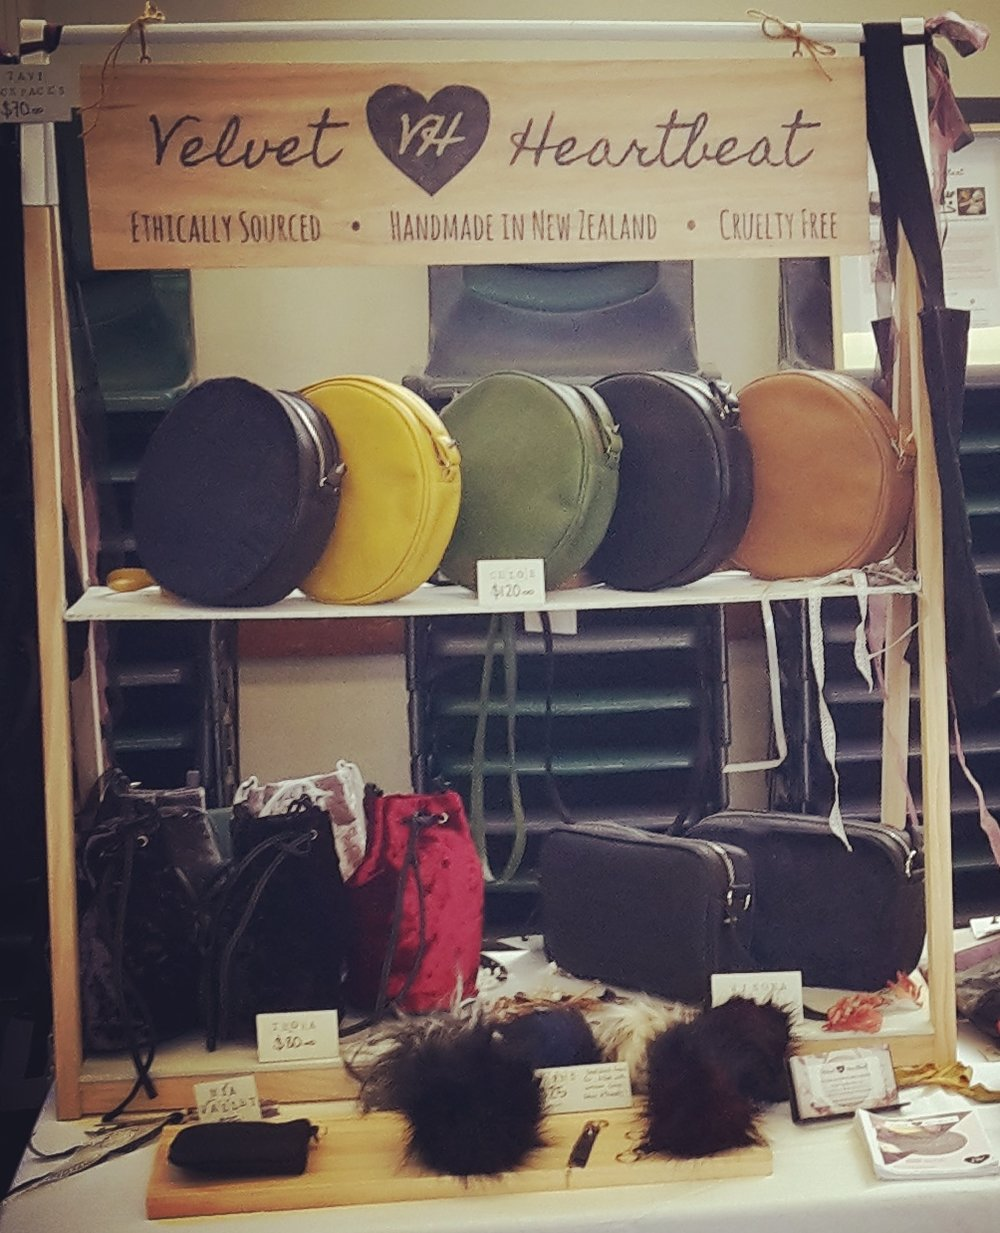 velvet heartbeat market stall